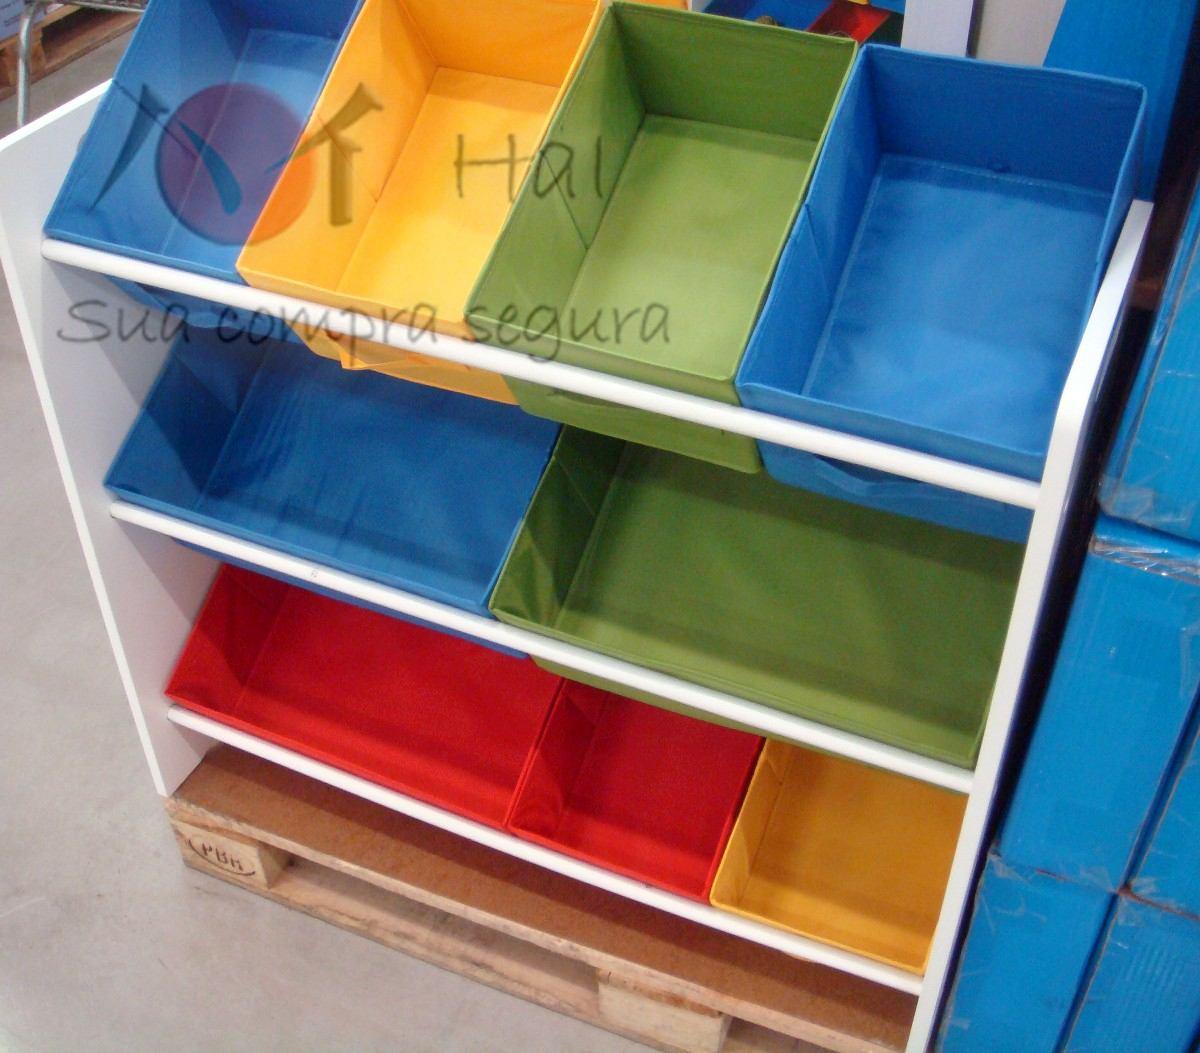 Artesanato Ouro Preto Minas Gerais ~ Organizador Caixa Bancada Gavetas Armario Infantil Brinquedo R$ 328,00 em Mercado Livre